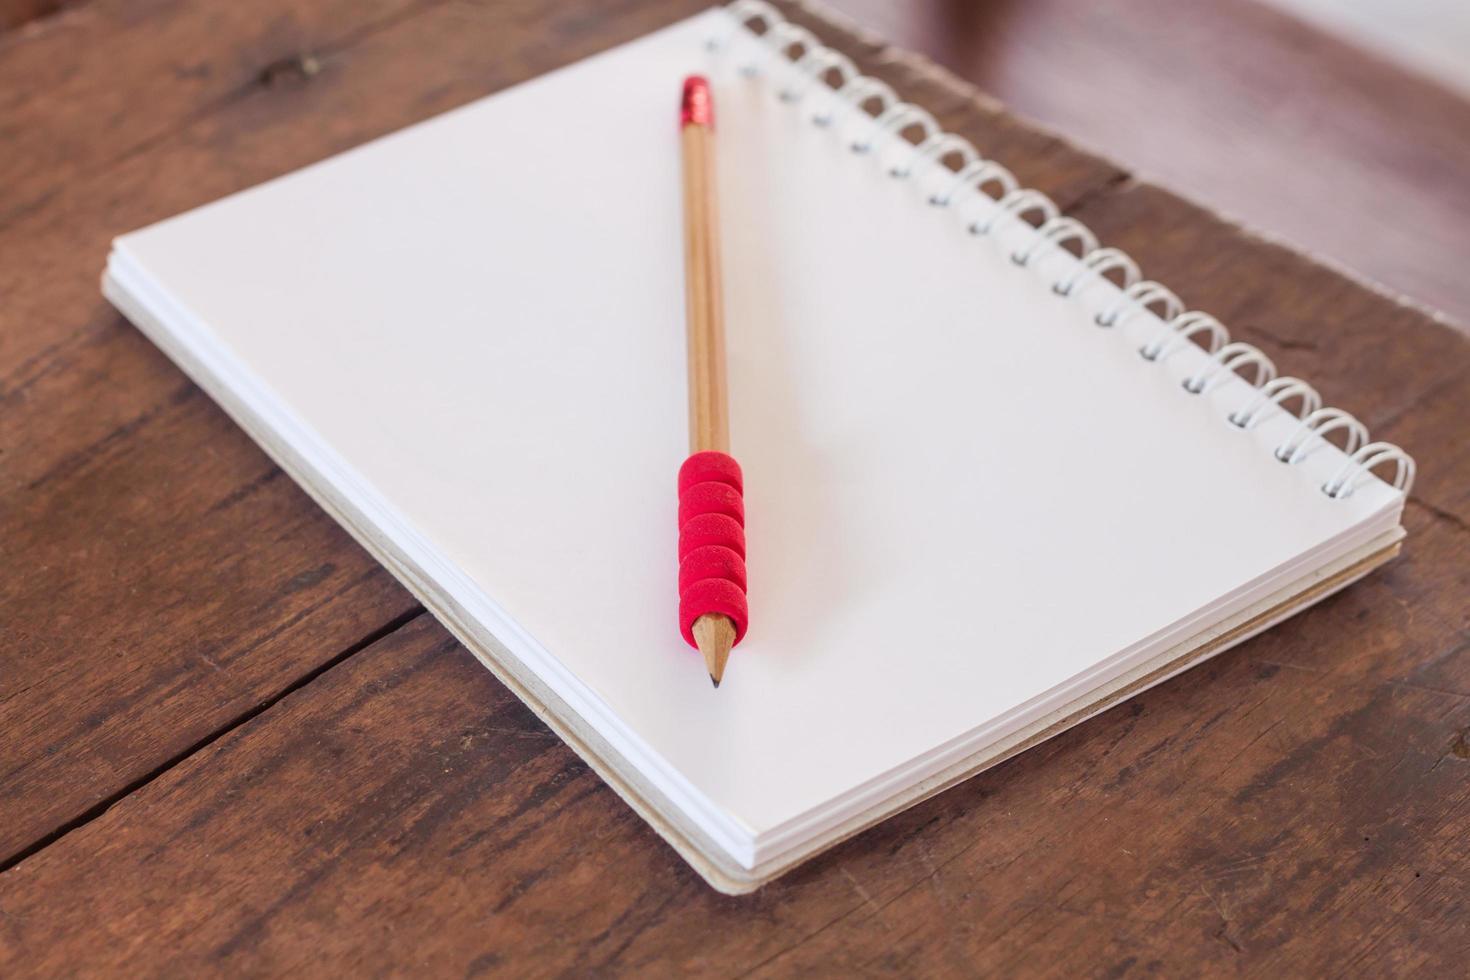 Notizbuch und Bleistift auf einem Holztisch foto